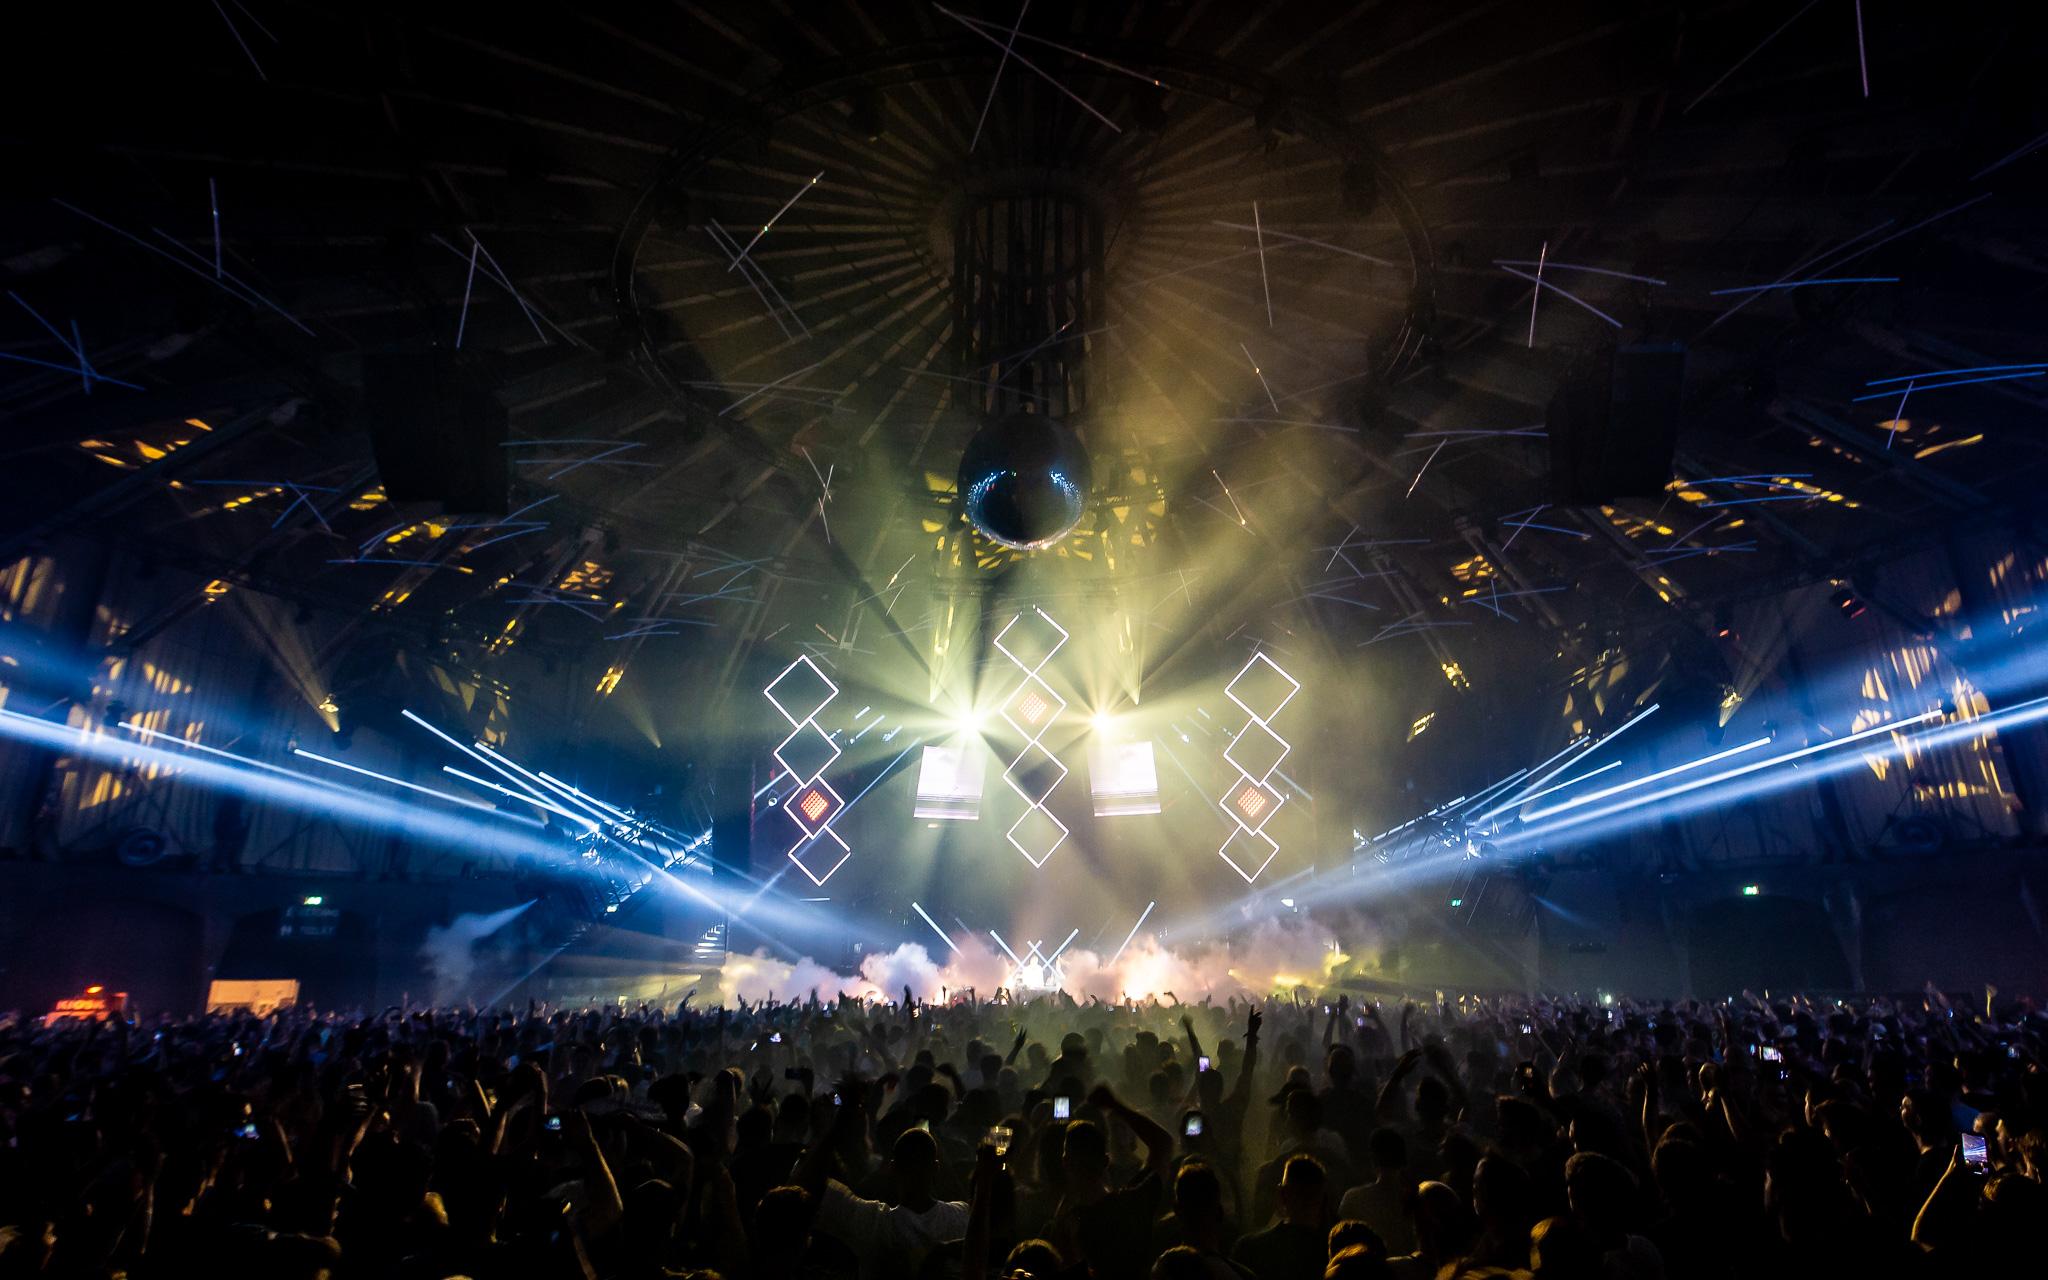 세계적으로 유명한 암스테르담 댄스 이벤트(ADE)가 이번주에! (10월 16일-20일)